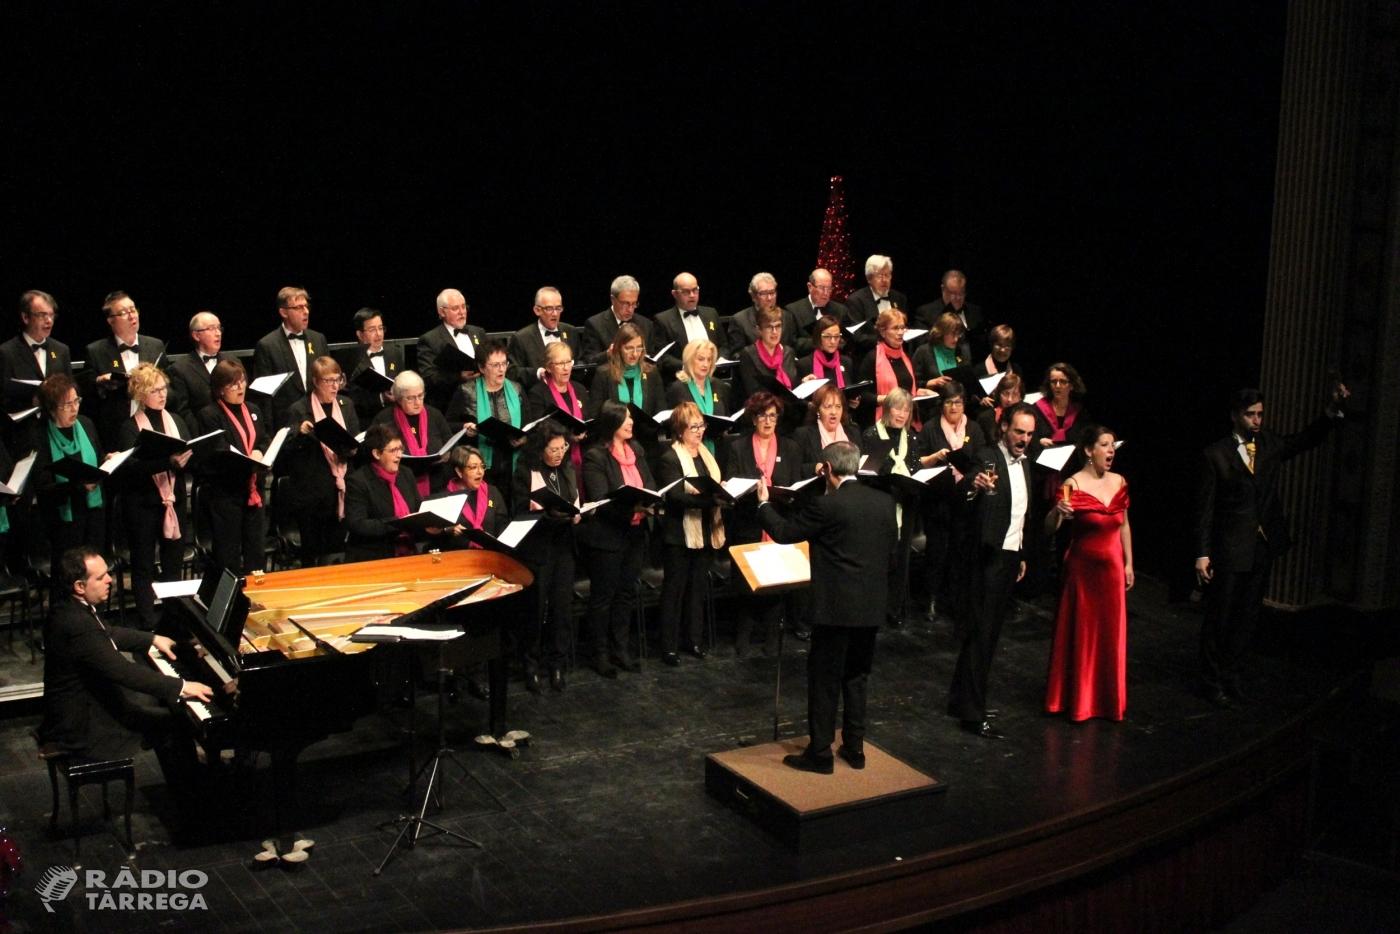 Gran èxit del Concert de Reis de Tàrrega, que omple el Teatre Ateneu amb populars fragments d'òpera, sarsuela i musicals